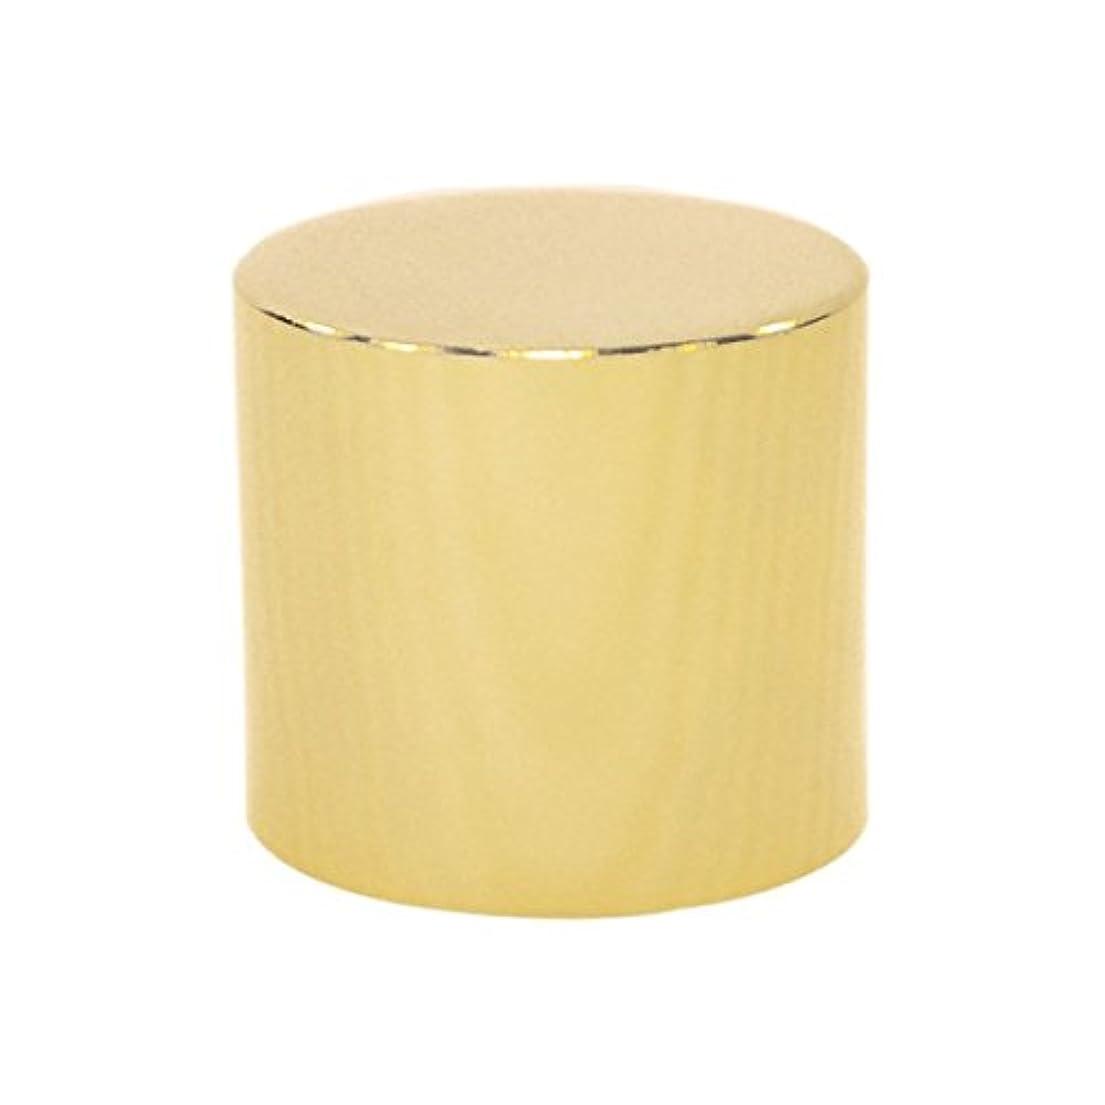 どきどき引き受ける司令官ランプベルジェ(LAMPE BERGER)消火キャップ【正規輸入品】密閉蓋ゴールド